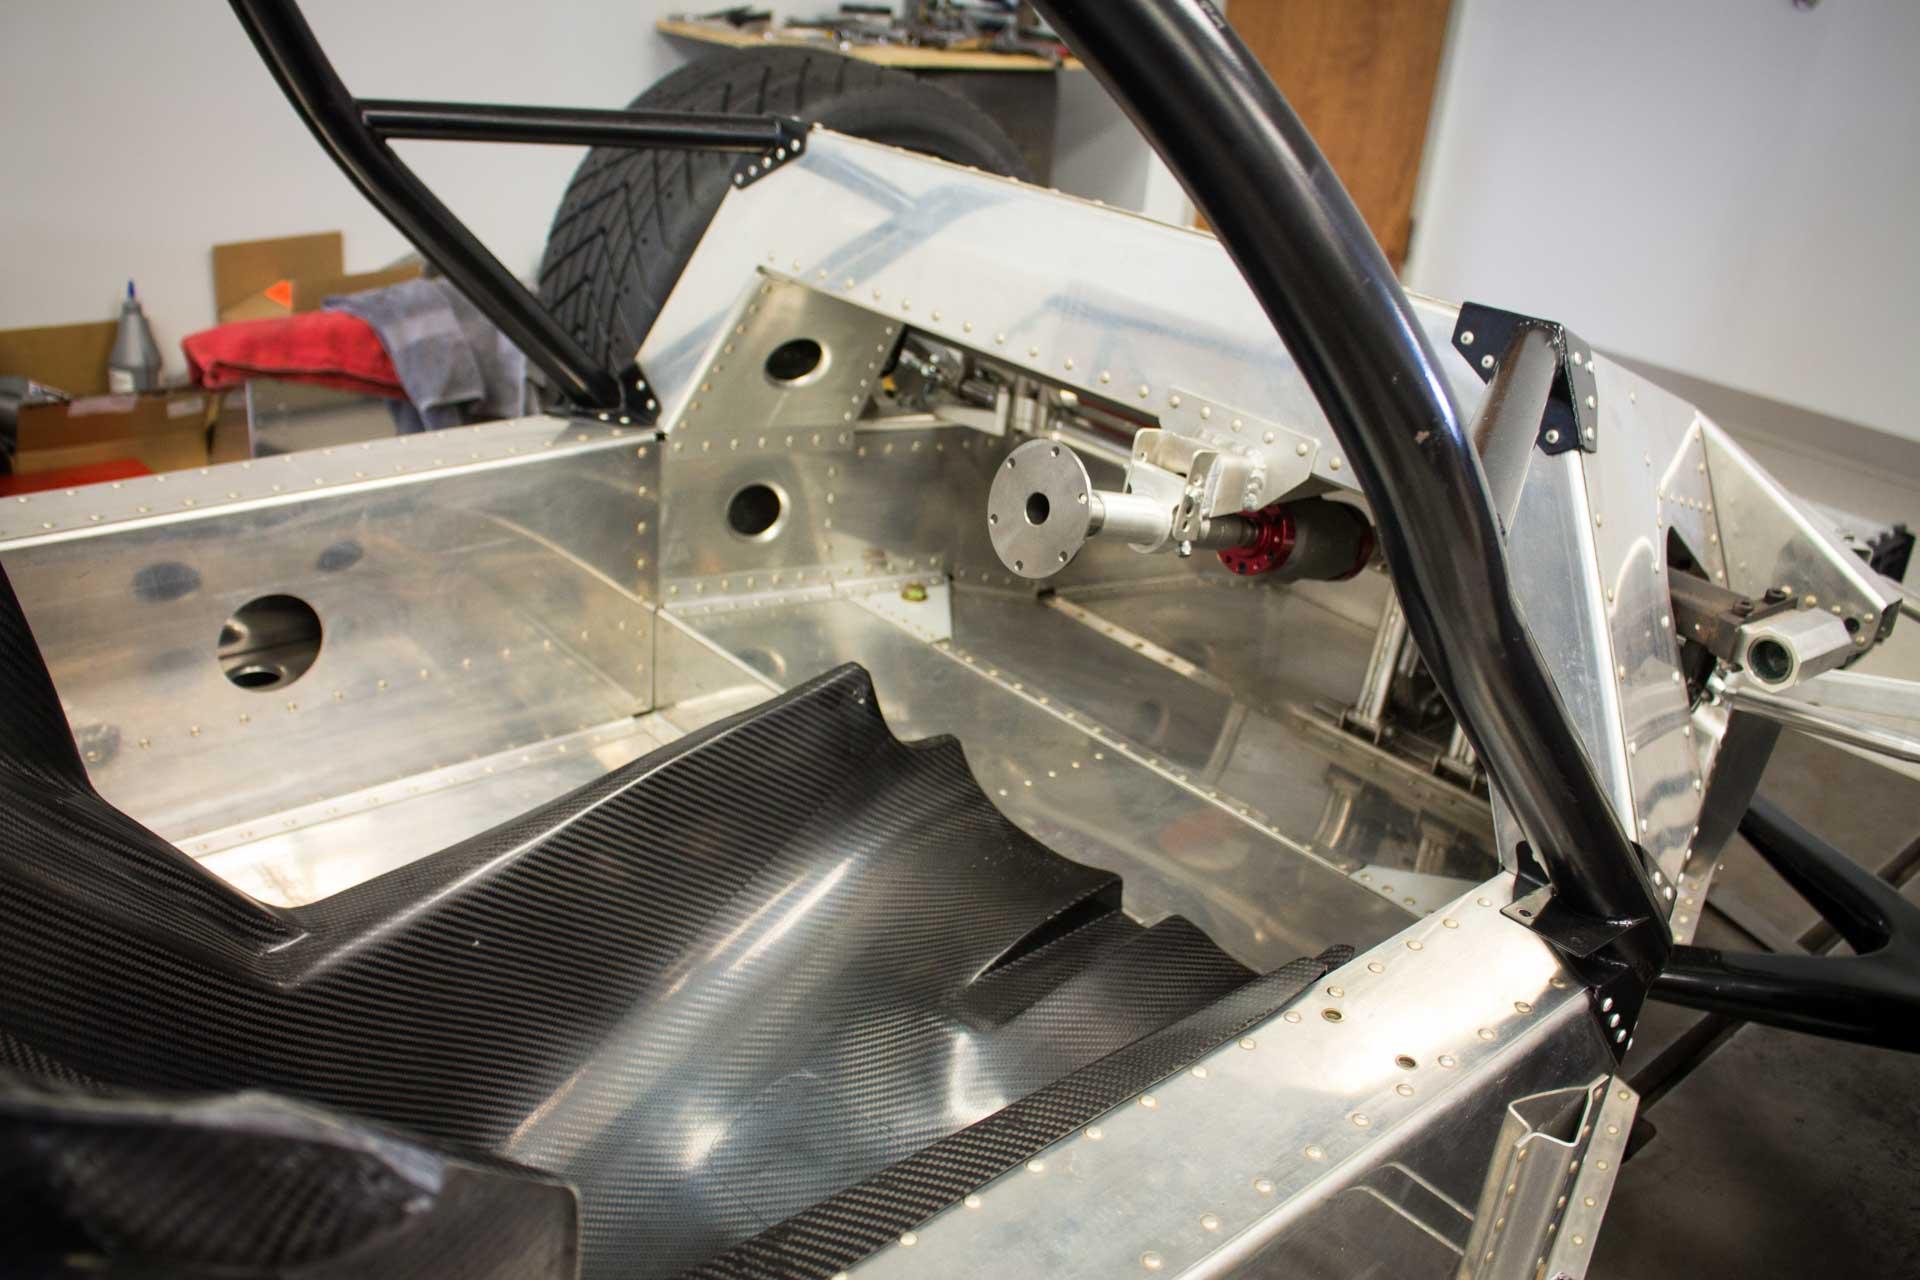 porsche 962 monocoque race car chassis project